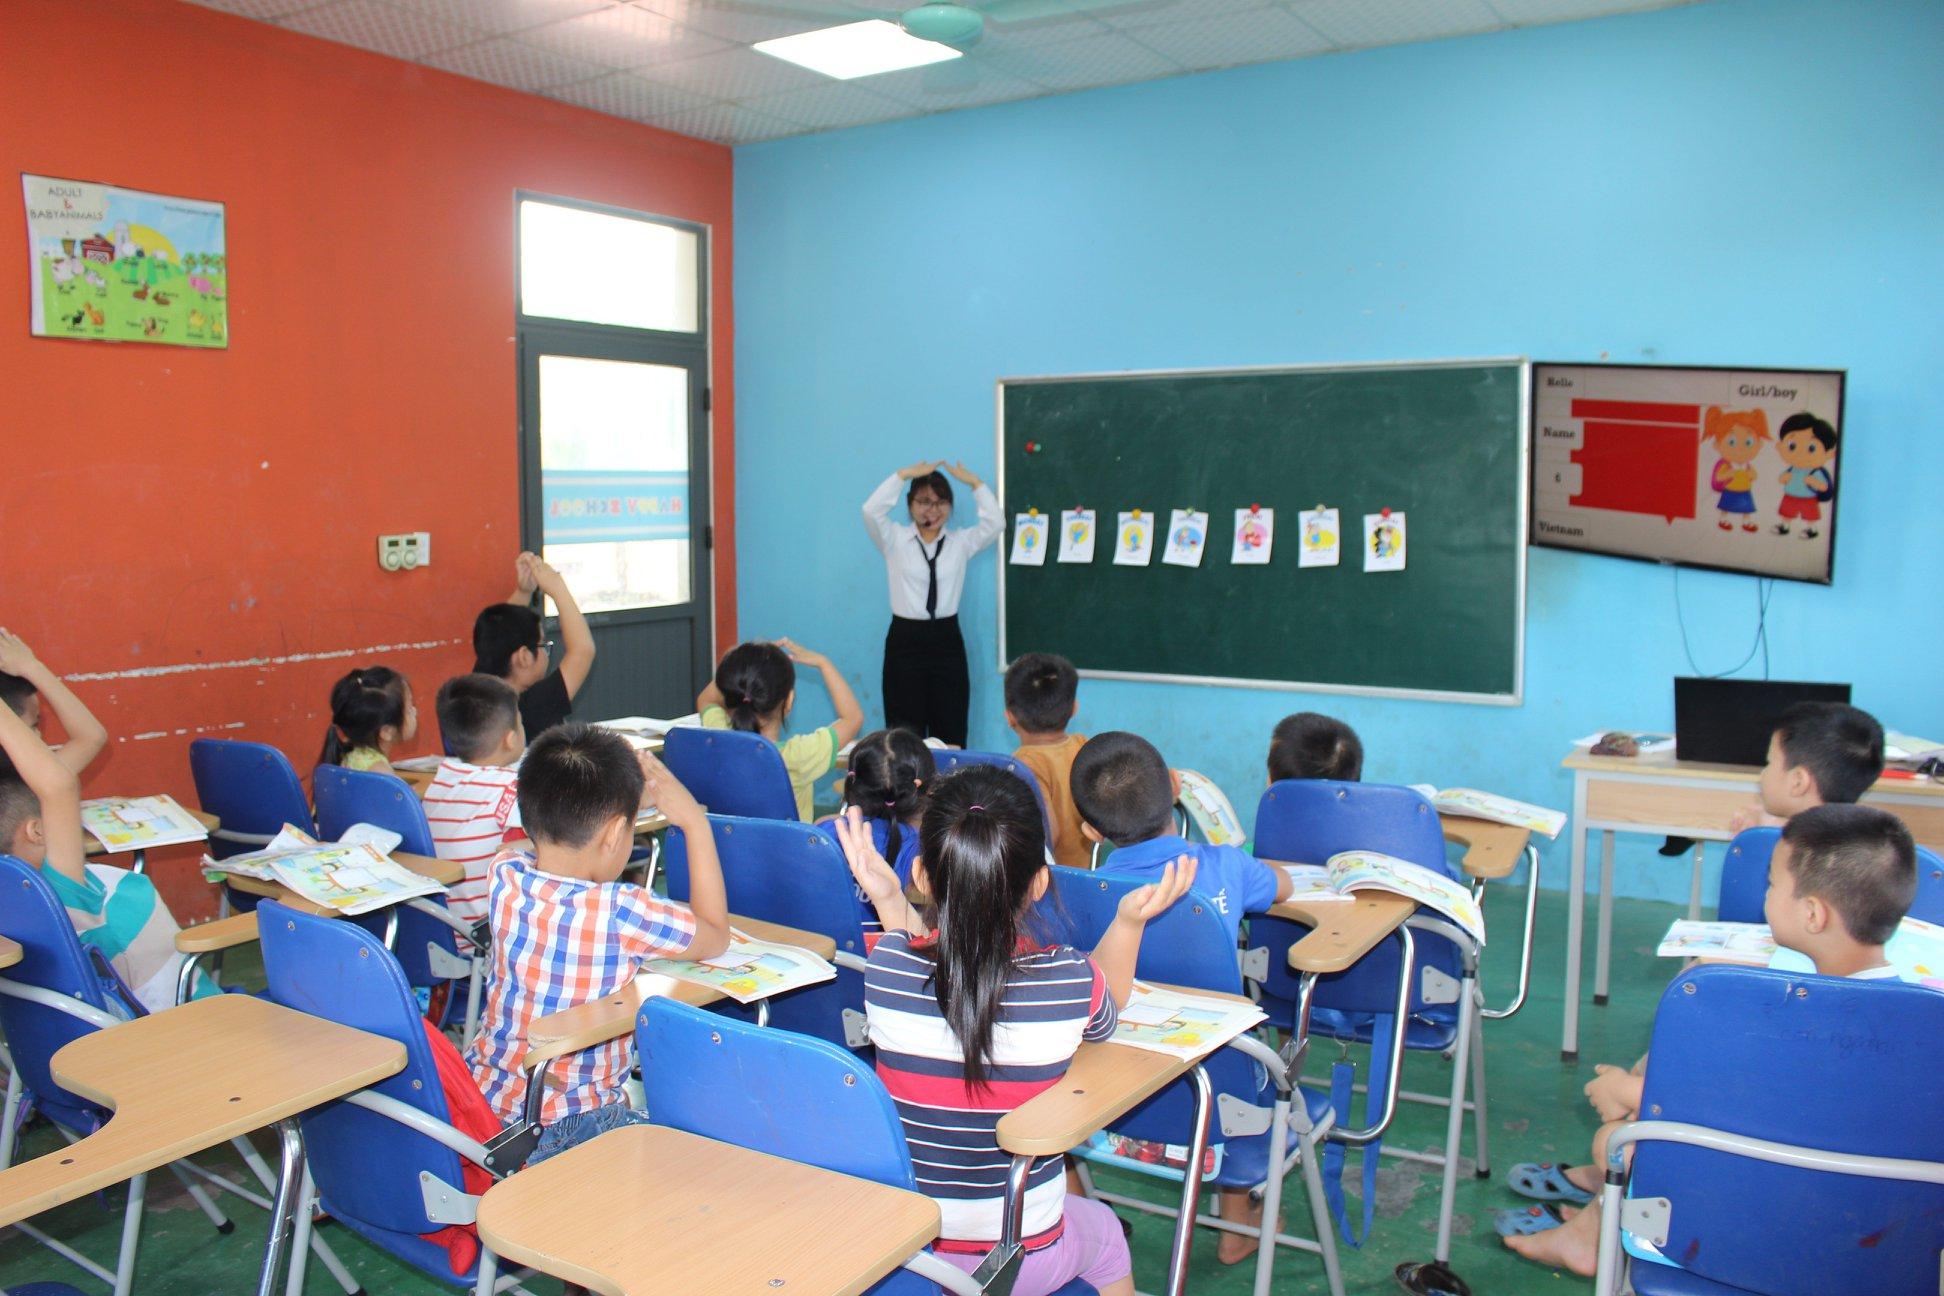 Trung tâm tiếng anh nào cho bé tốt nhất tại Nghi Lộc